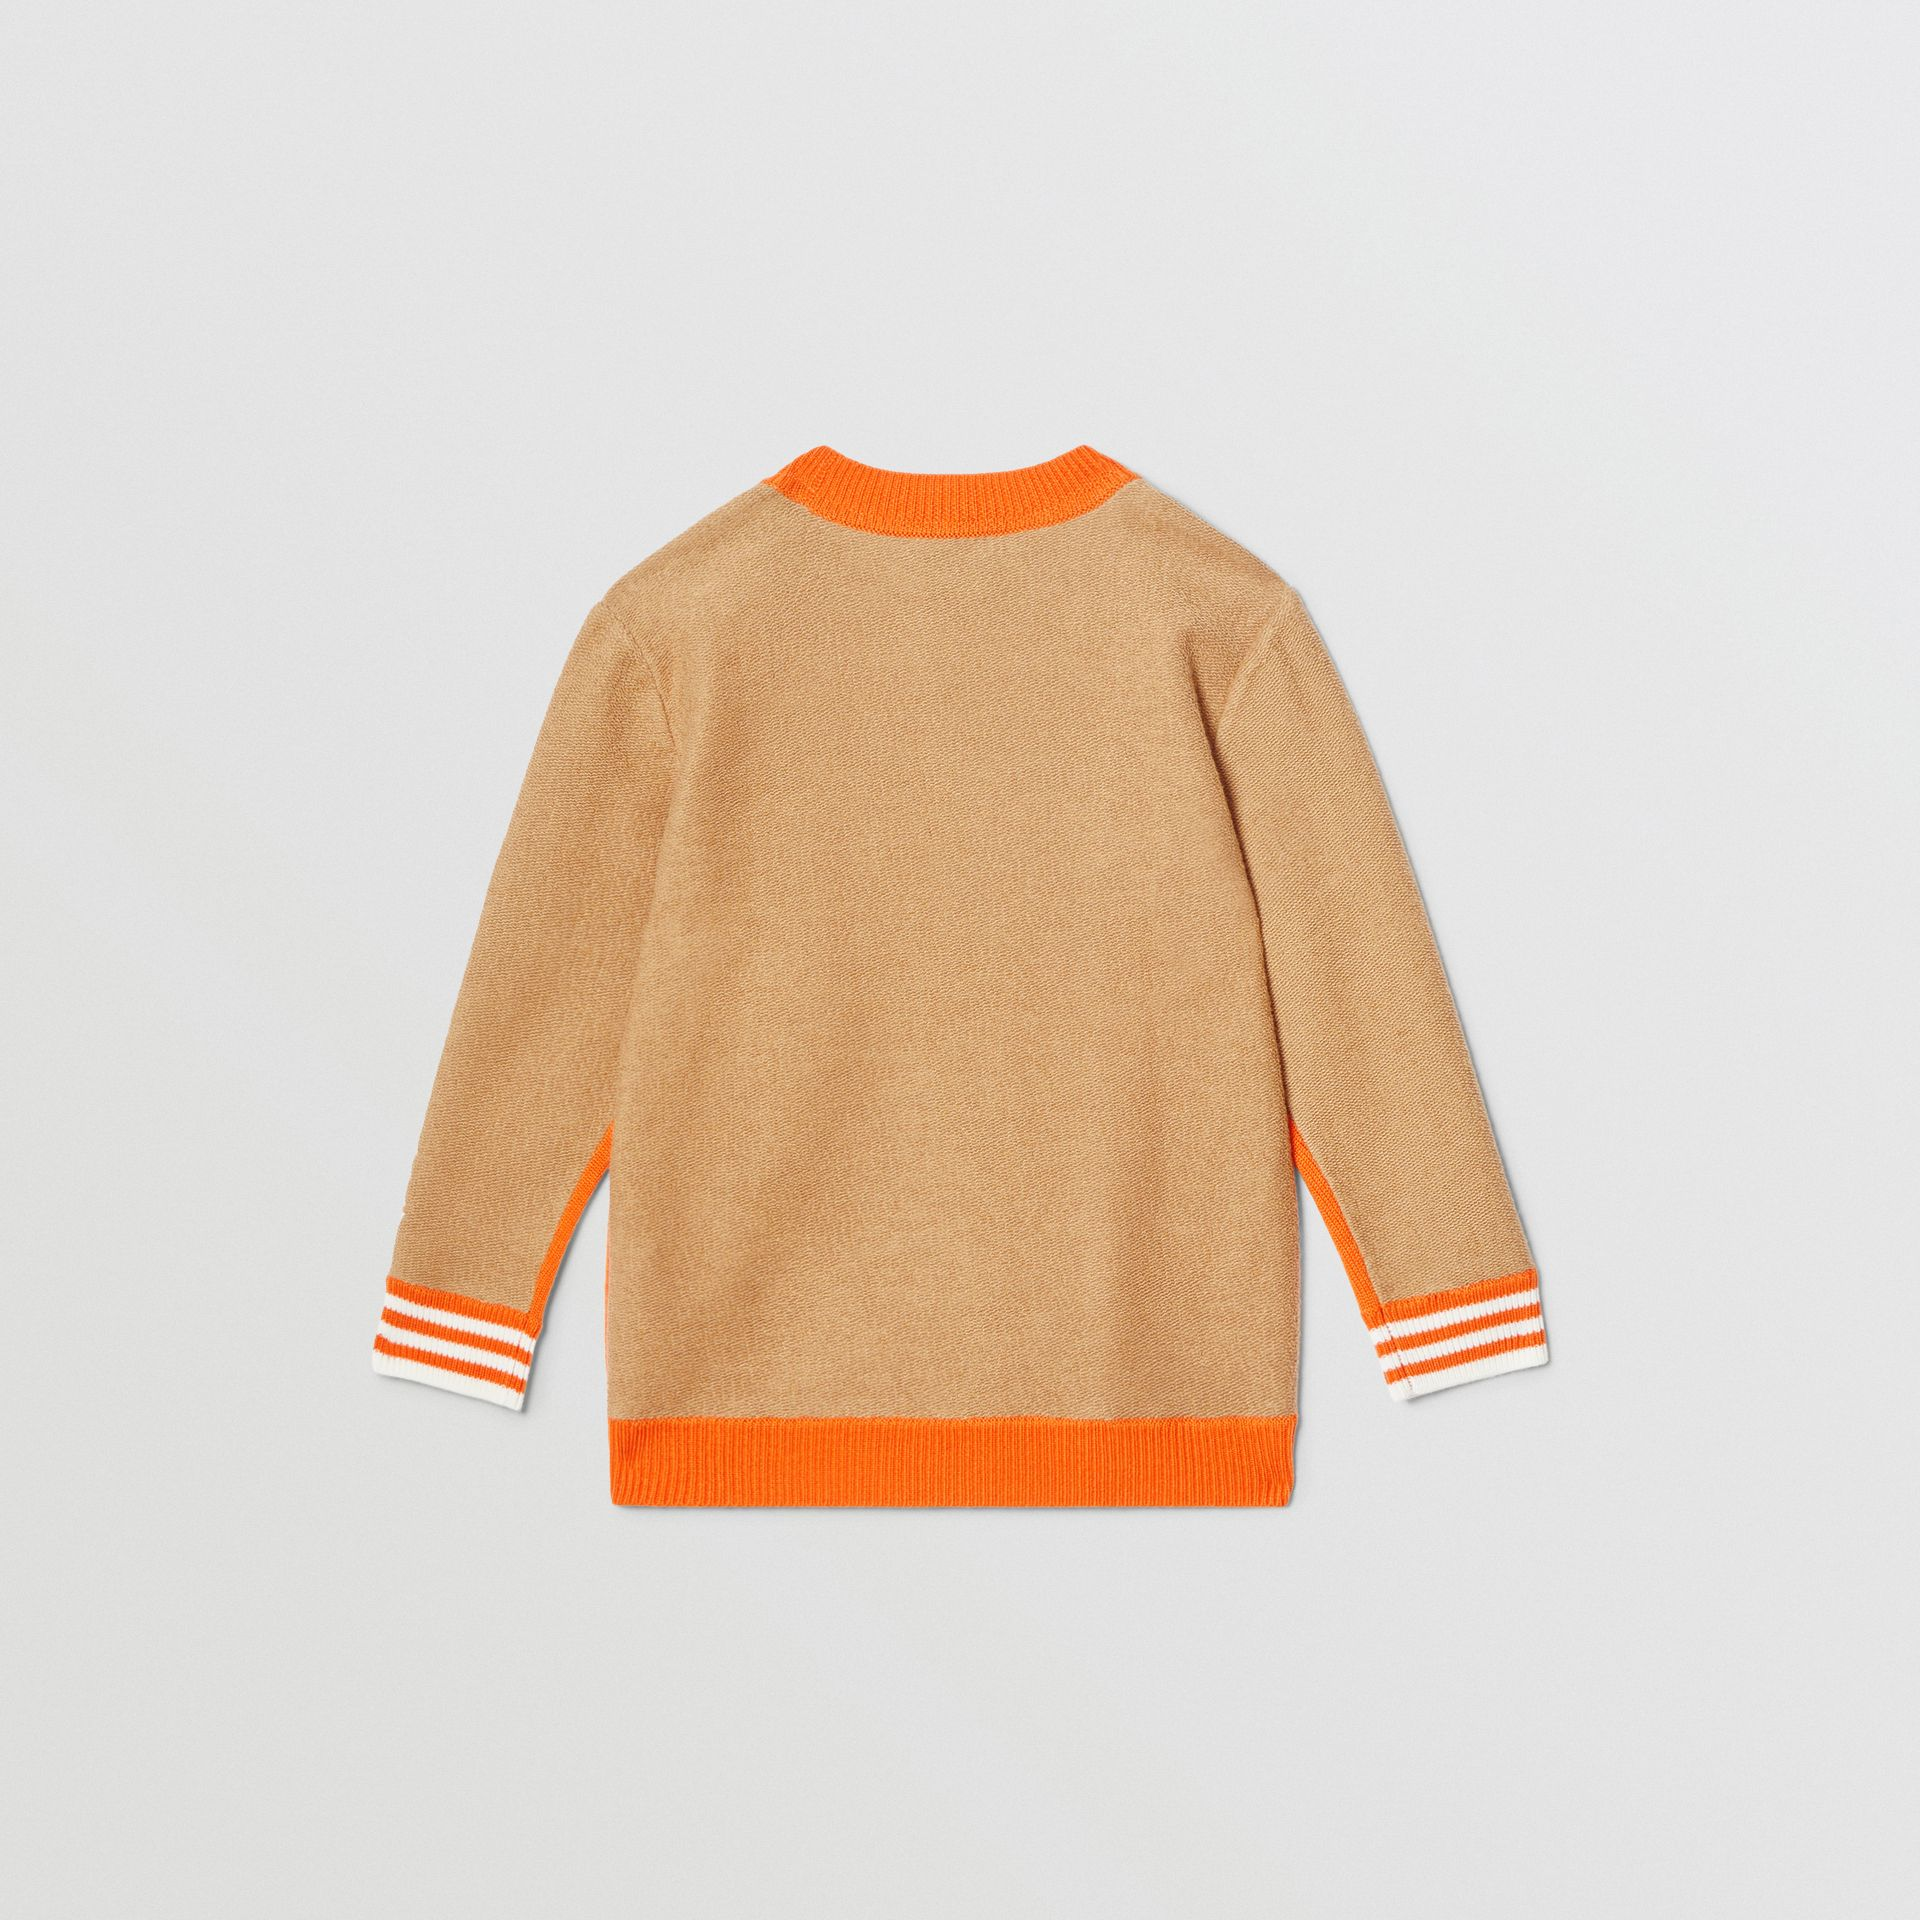 Bモチーフ メリノウール ジャカードセーター (ブライトオレンジ) | バーバリー - ギャラリーイメージ 4